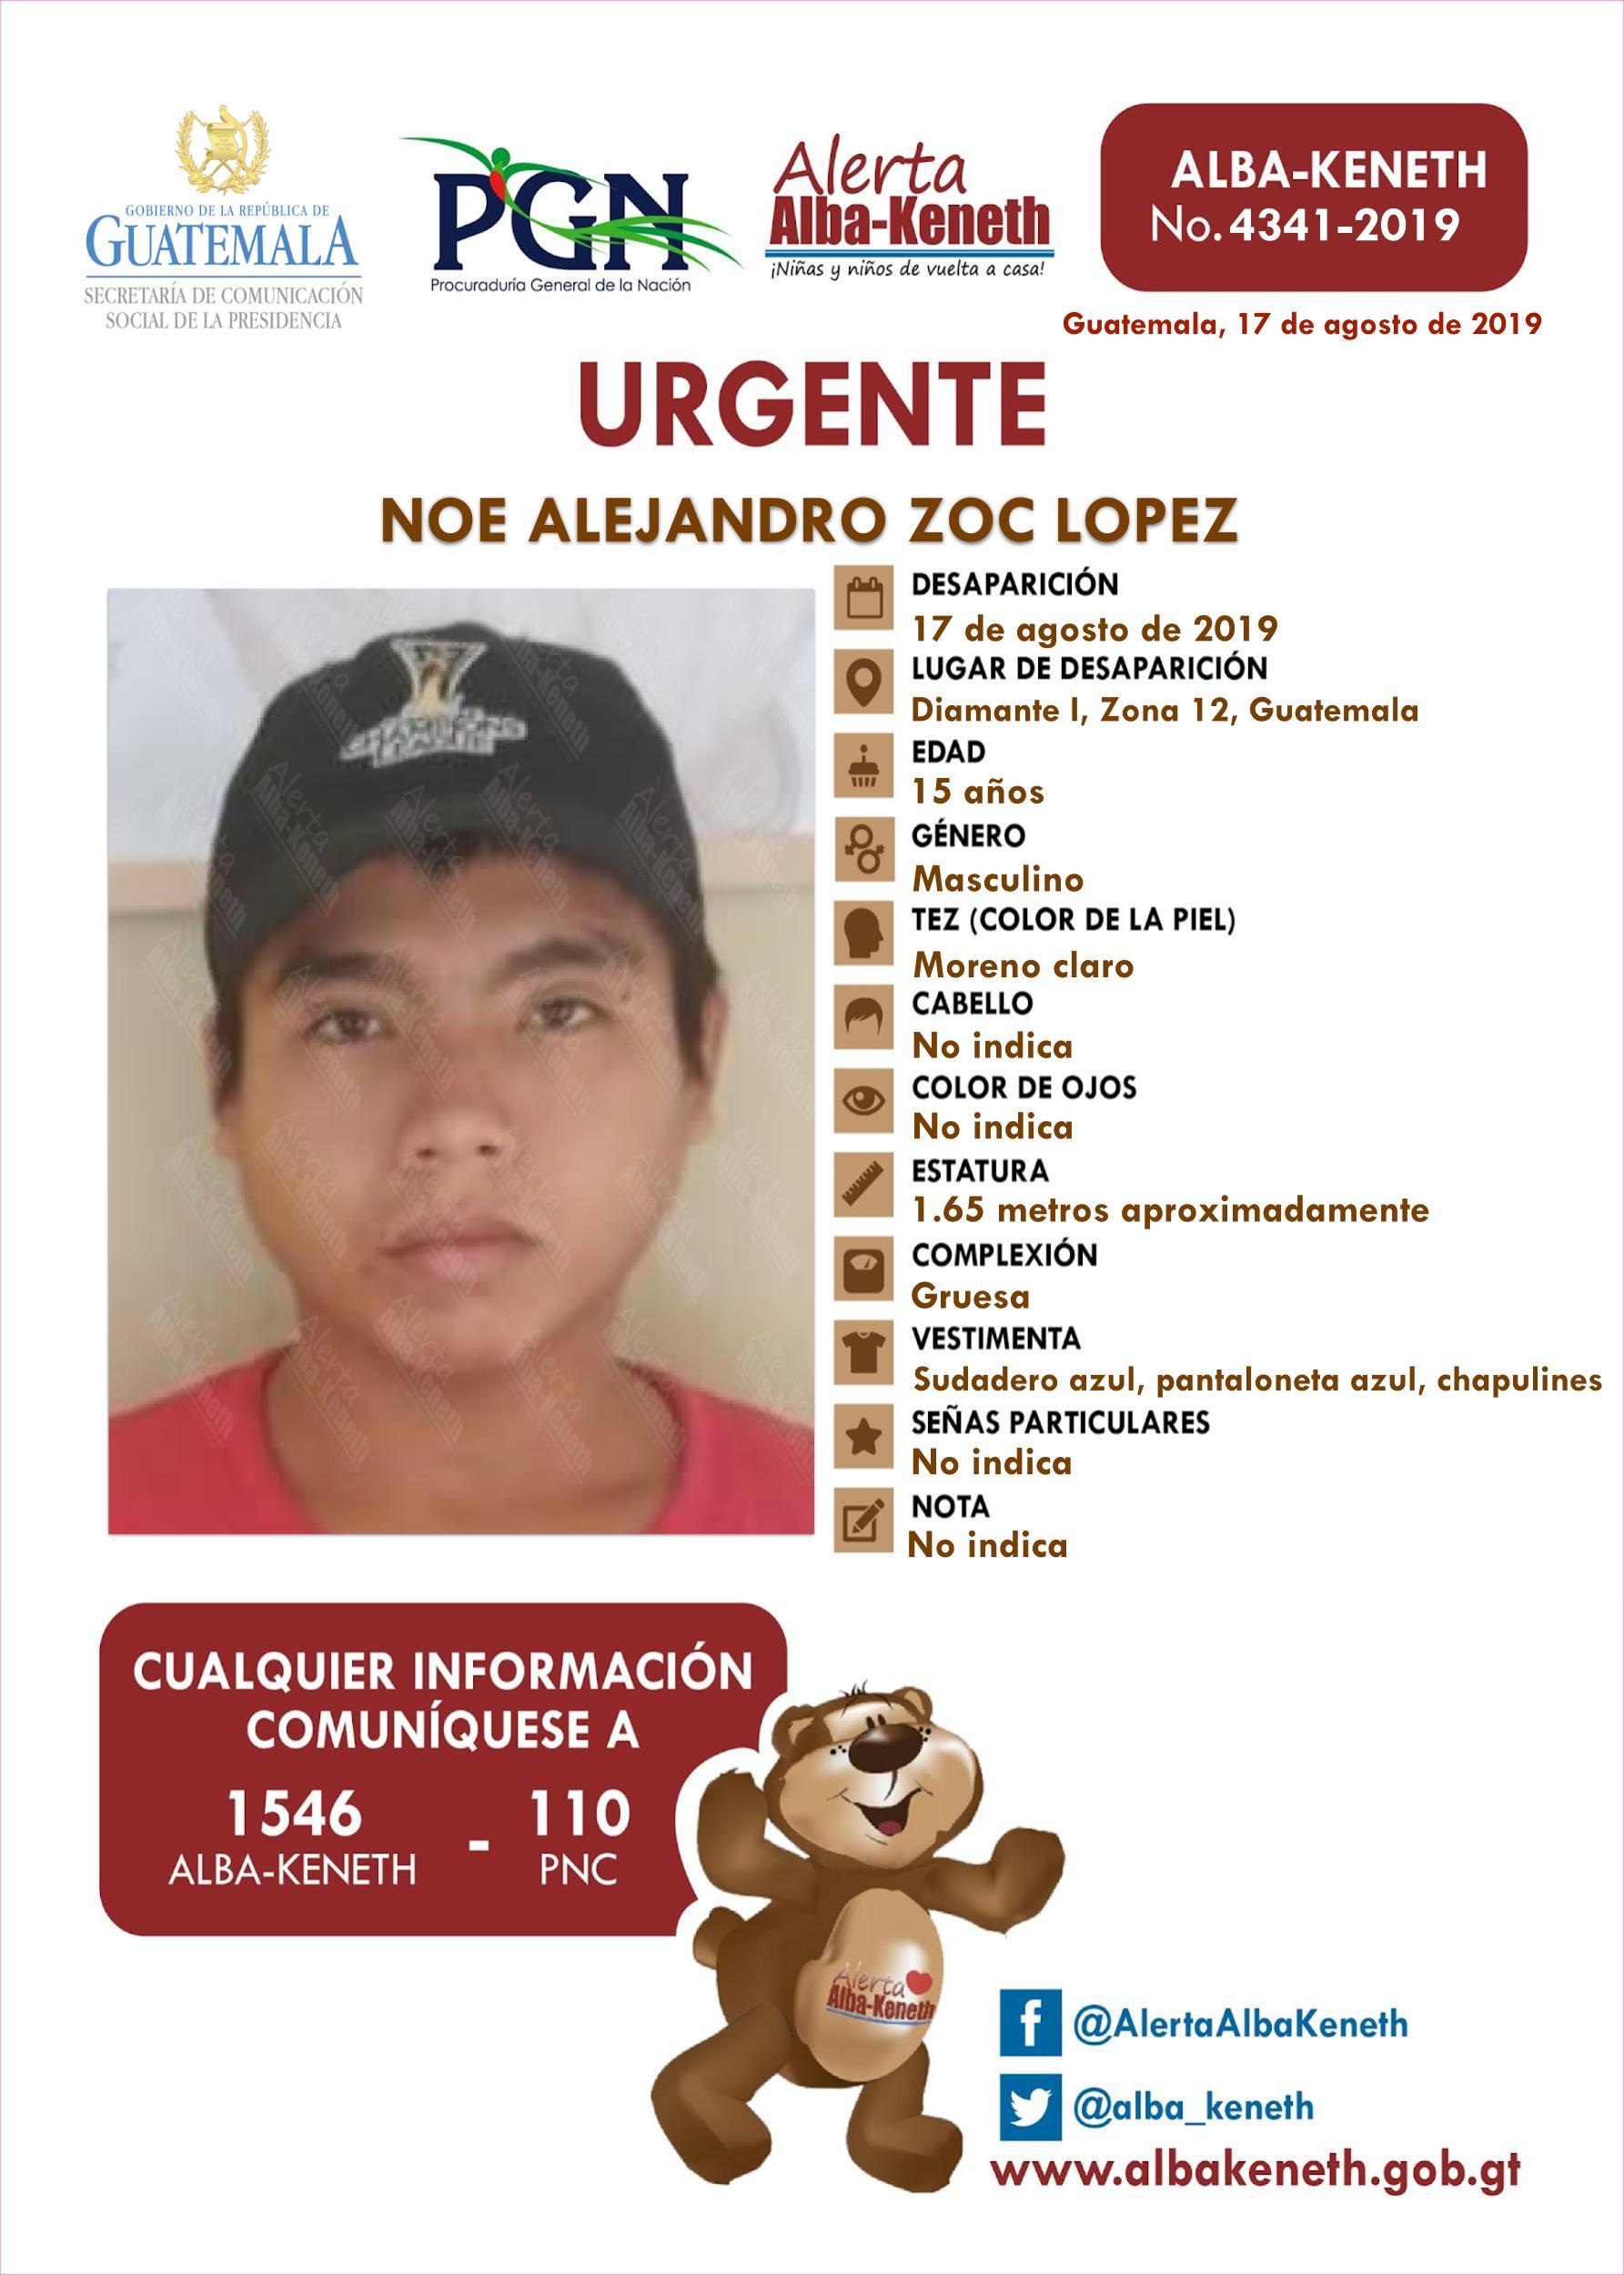 Noe Alejandro Zoc Lopez